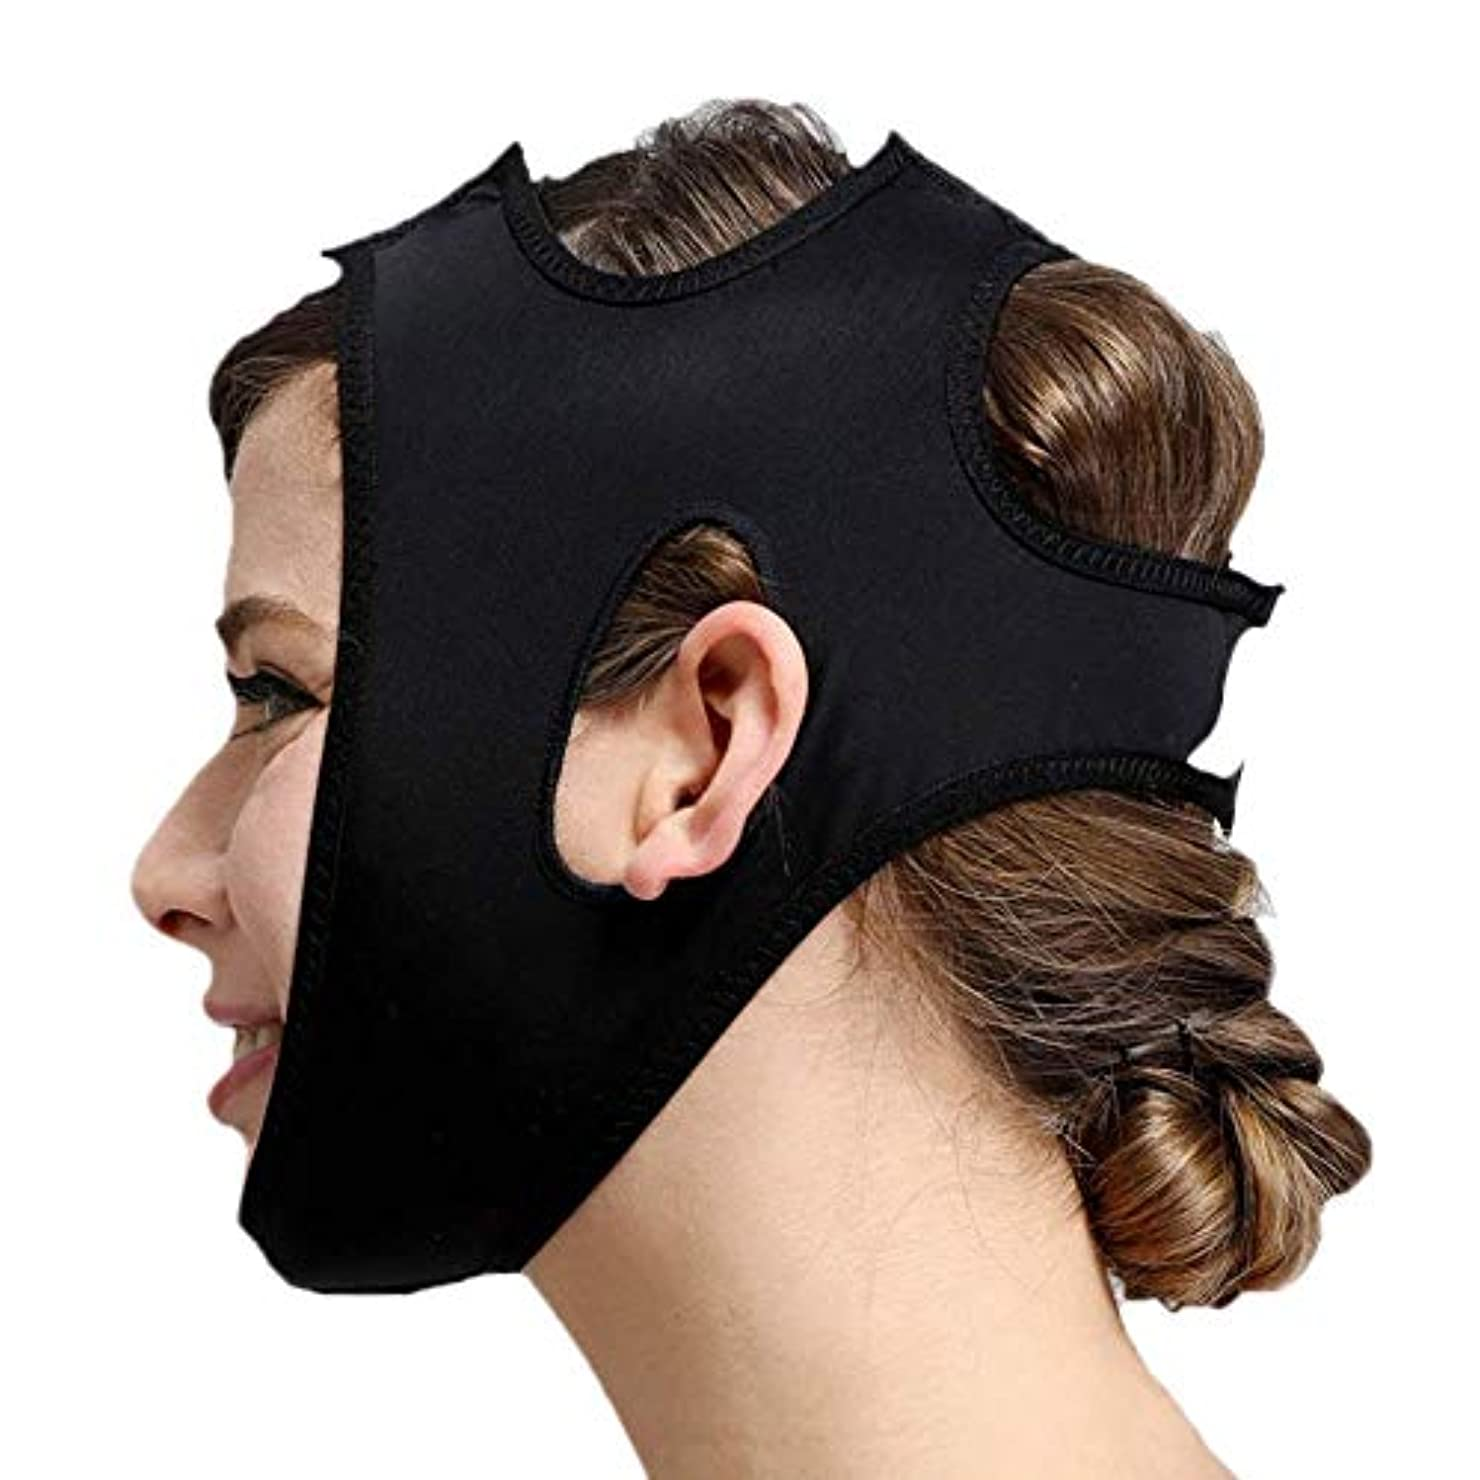 手足引退する破壊的なフェイススリミングマスク、快適さと通気性、フェイシャルリフティング、輪郭の改善された硬さ、ファーミングとリフティングフェイス(カラー:ブラック、サイズ:XL),黒、M